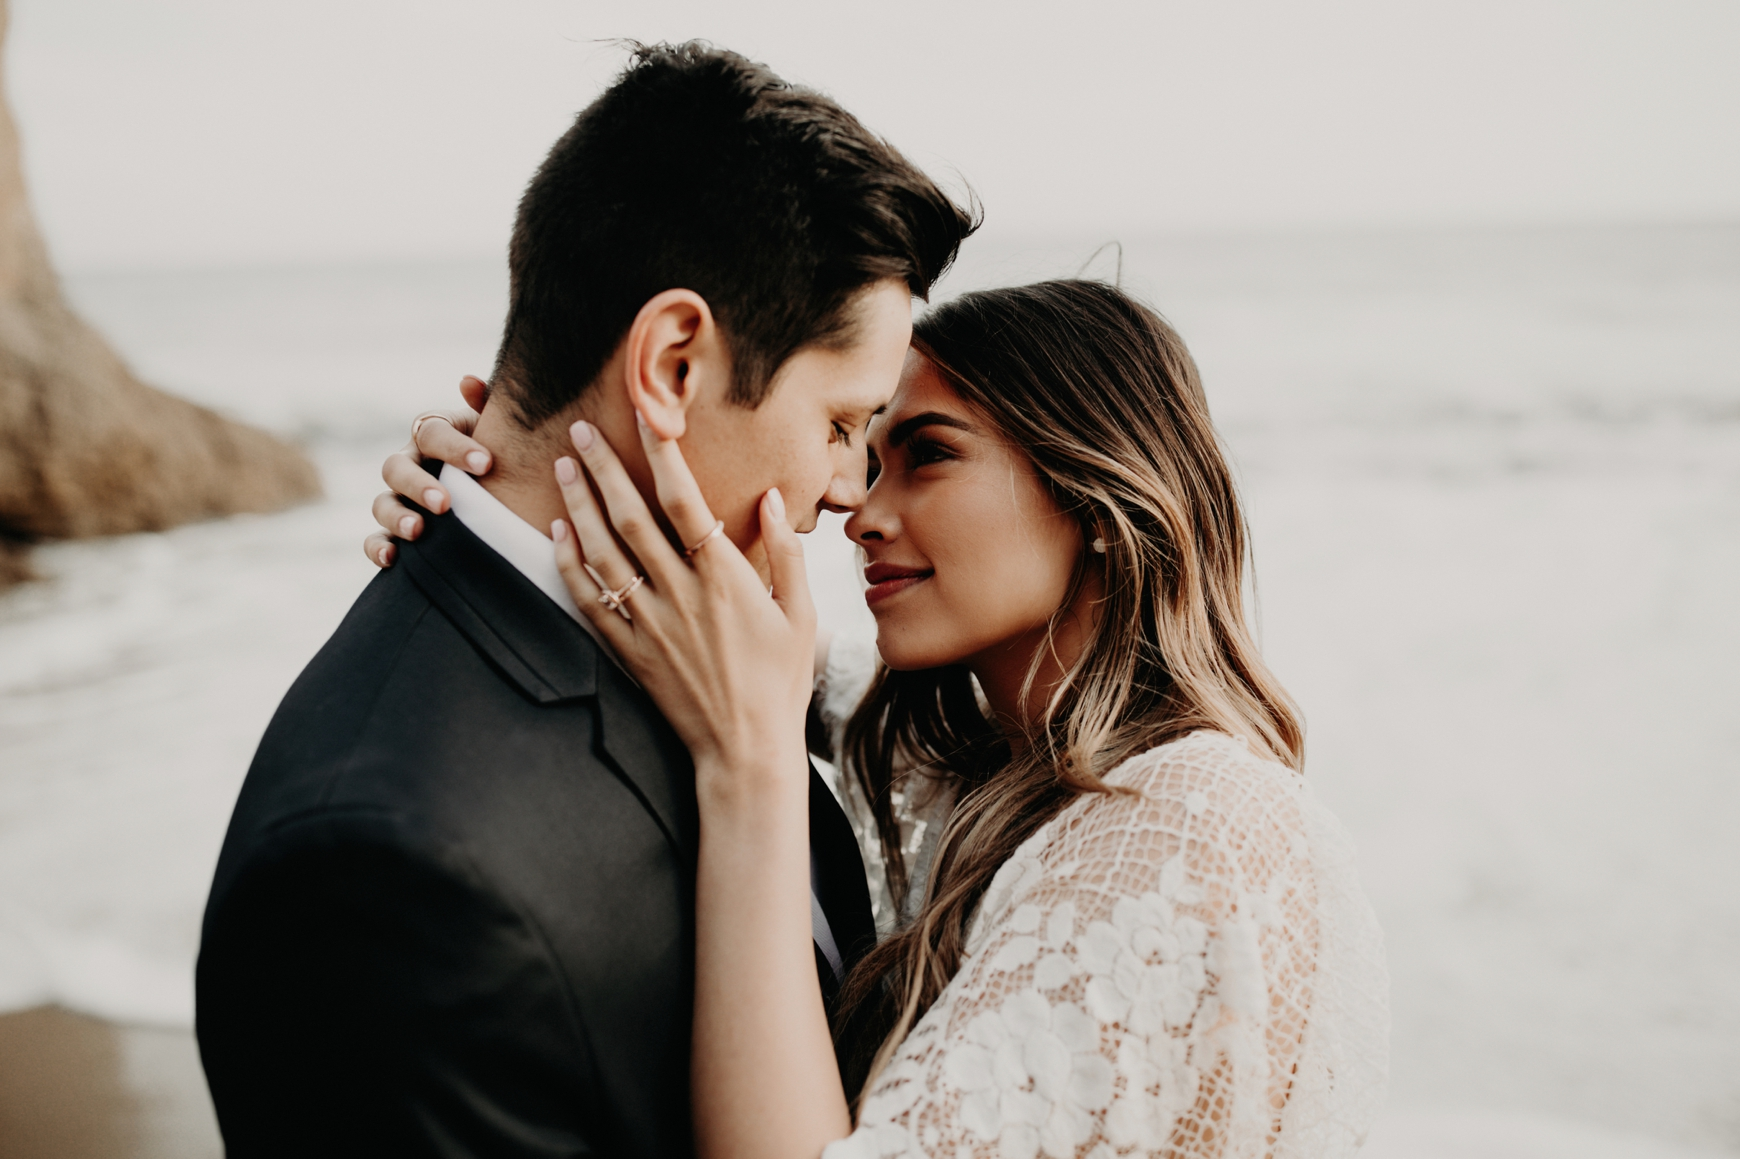 El Matador Beach Bridal Portraits Justellen & TJ Emily Magers Photography-239Emily Magers Photography.jpg